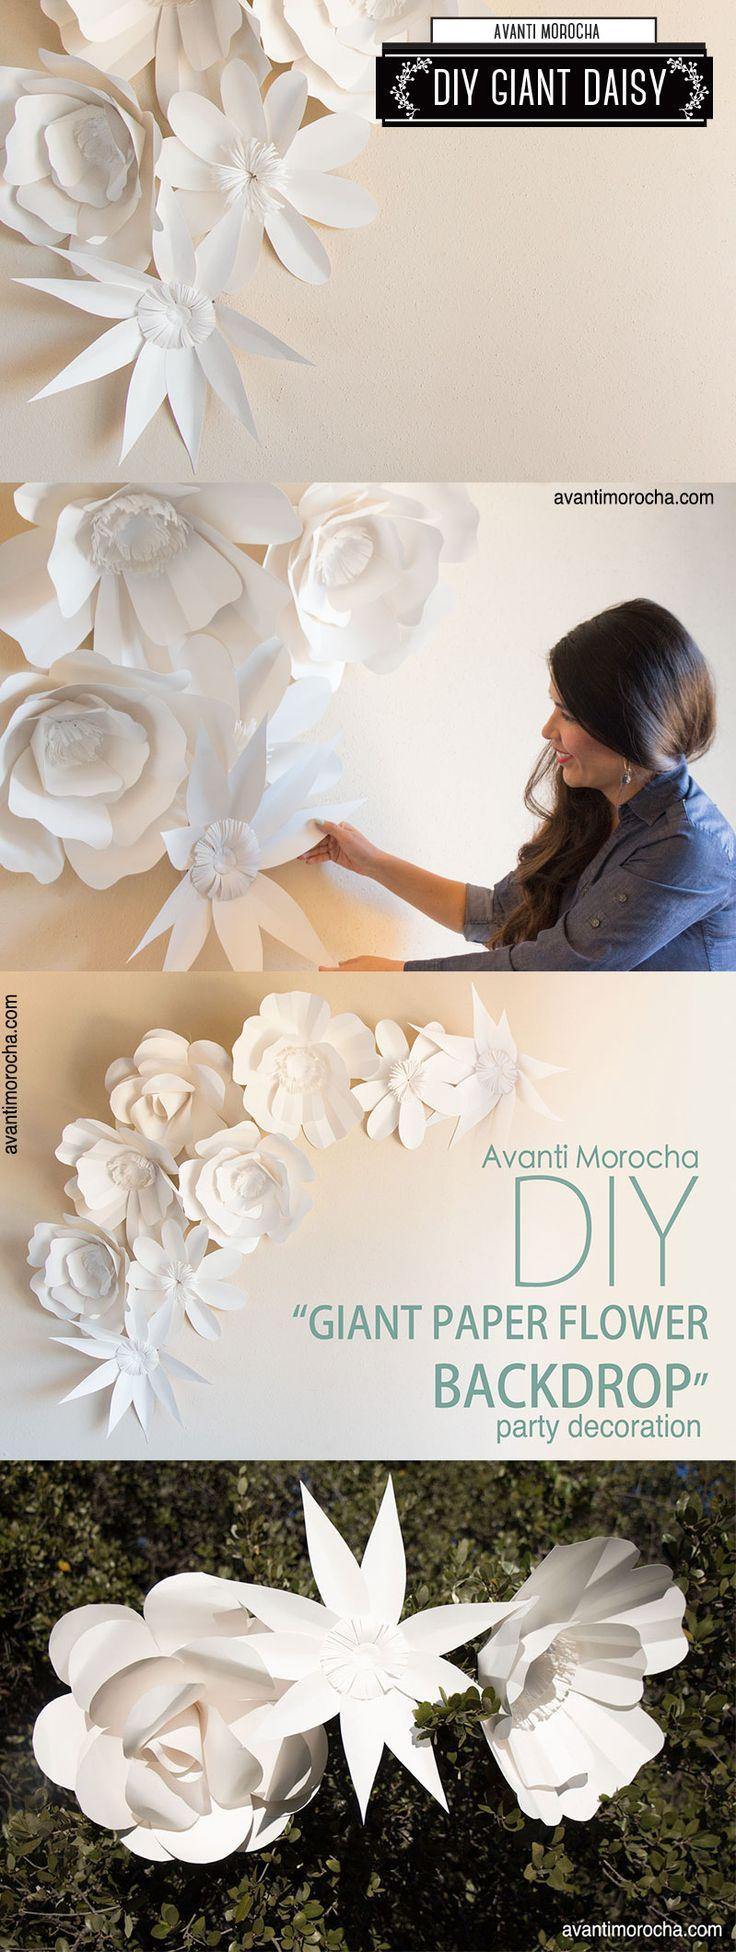 DIY Giant Paper Flower Backdrop / Mural de Flores de Papel gigantes. Weddings, Bodas , Event decoration                                                                                                                                                     Más